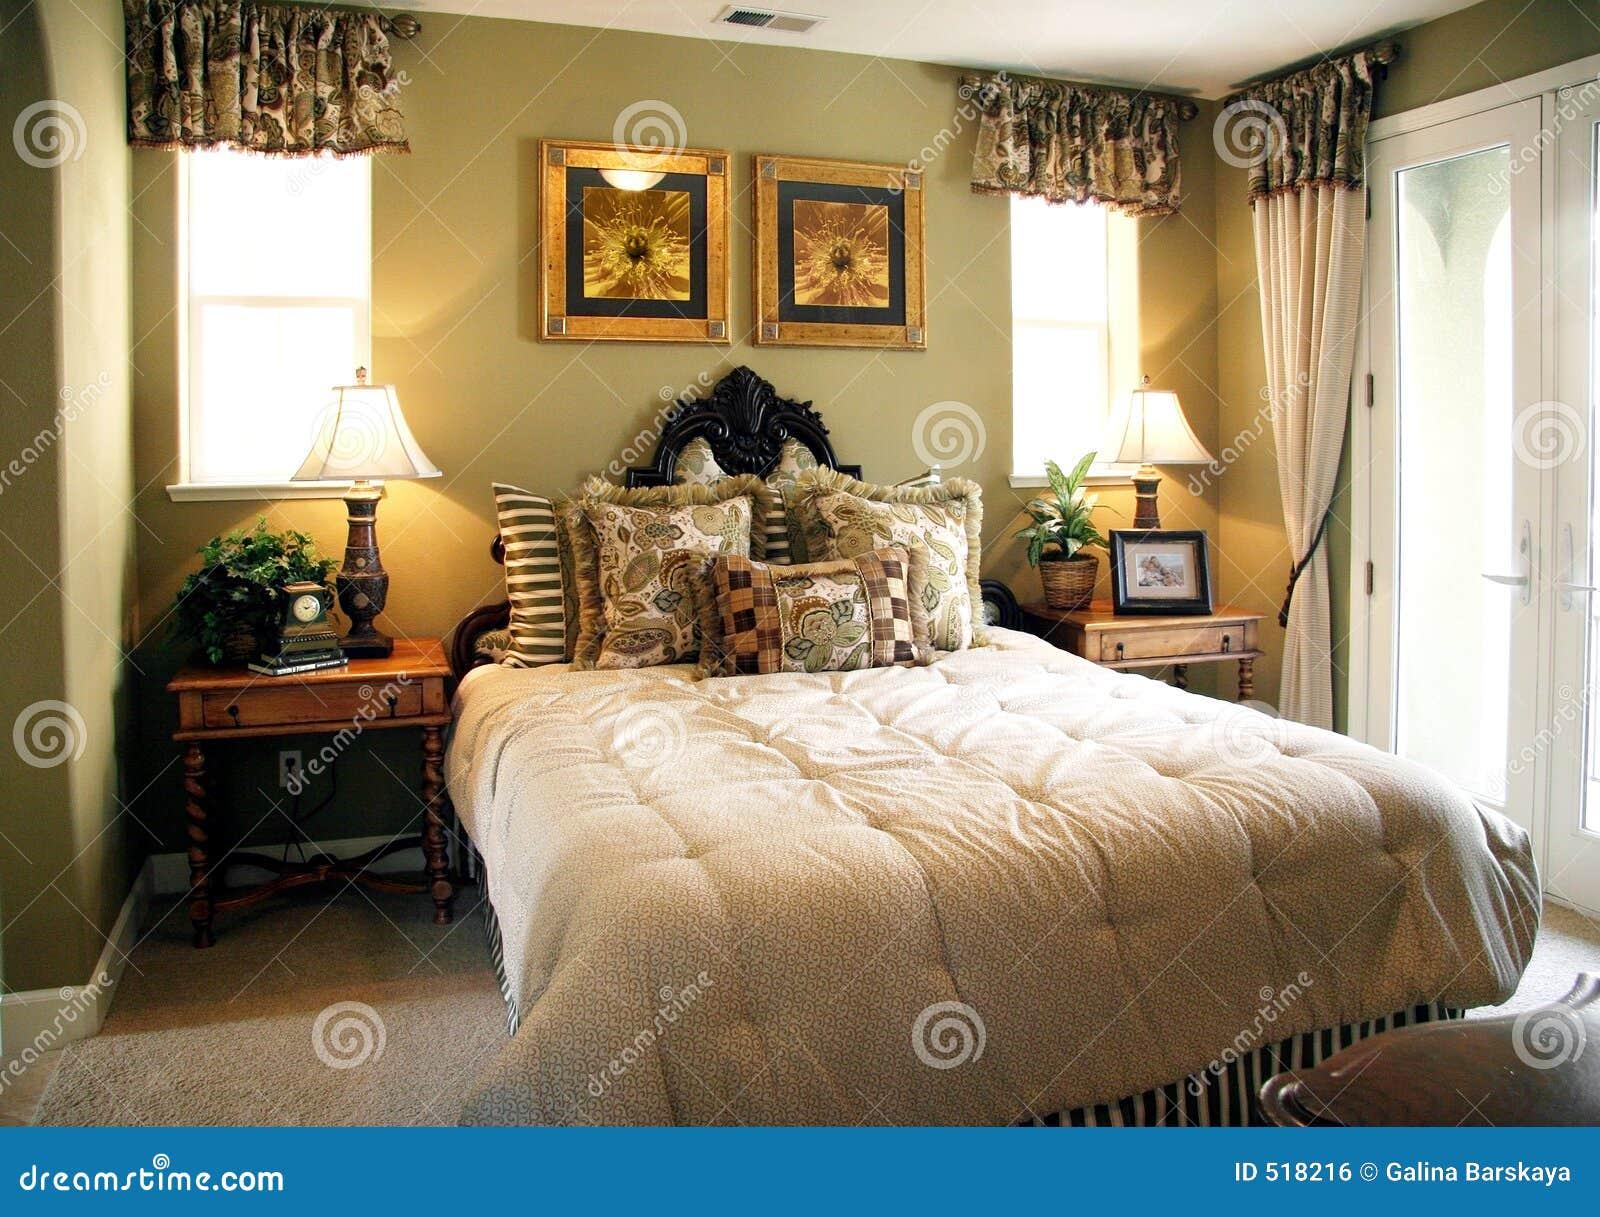 Camera da letto di lusso immagine stock libera da diritti for 12 piani casa di lusso camera da letto